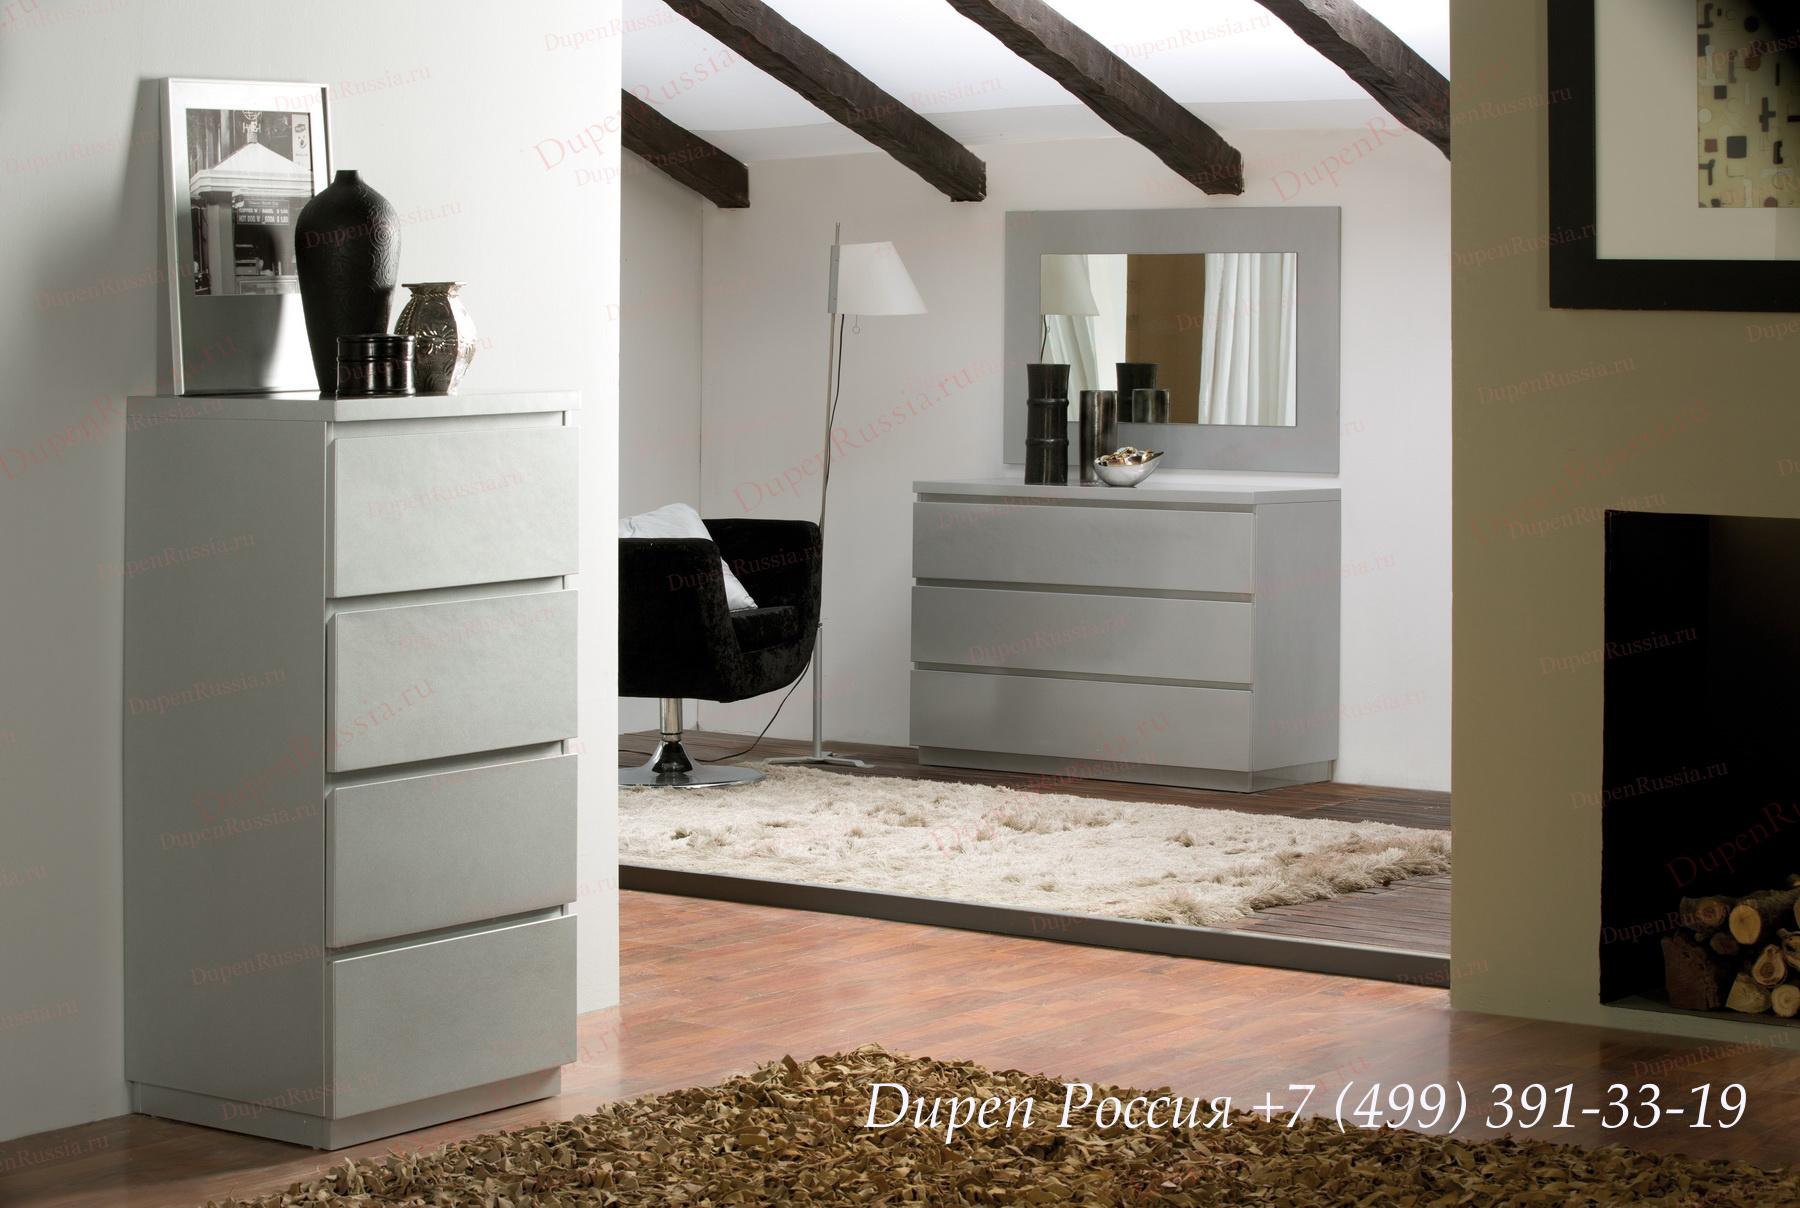 Зеркало DUPEN (Дюпен) E-96 серебро, комод DUPEN C-111, комод DUPEN S-111,